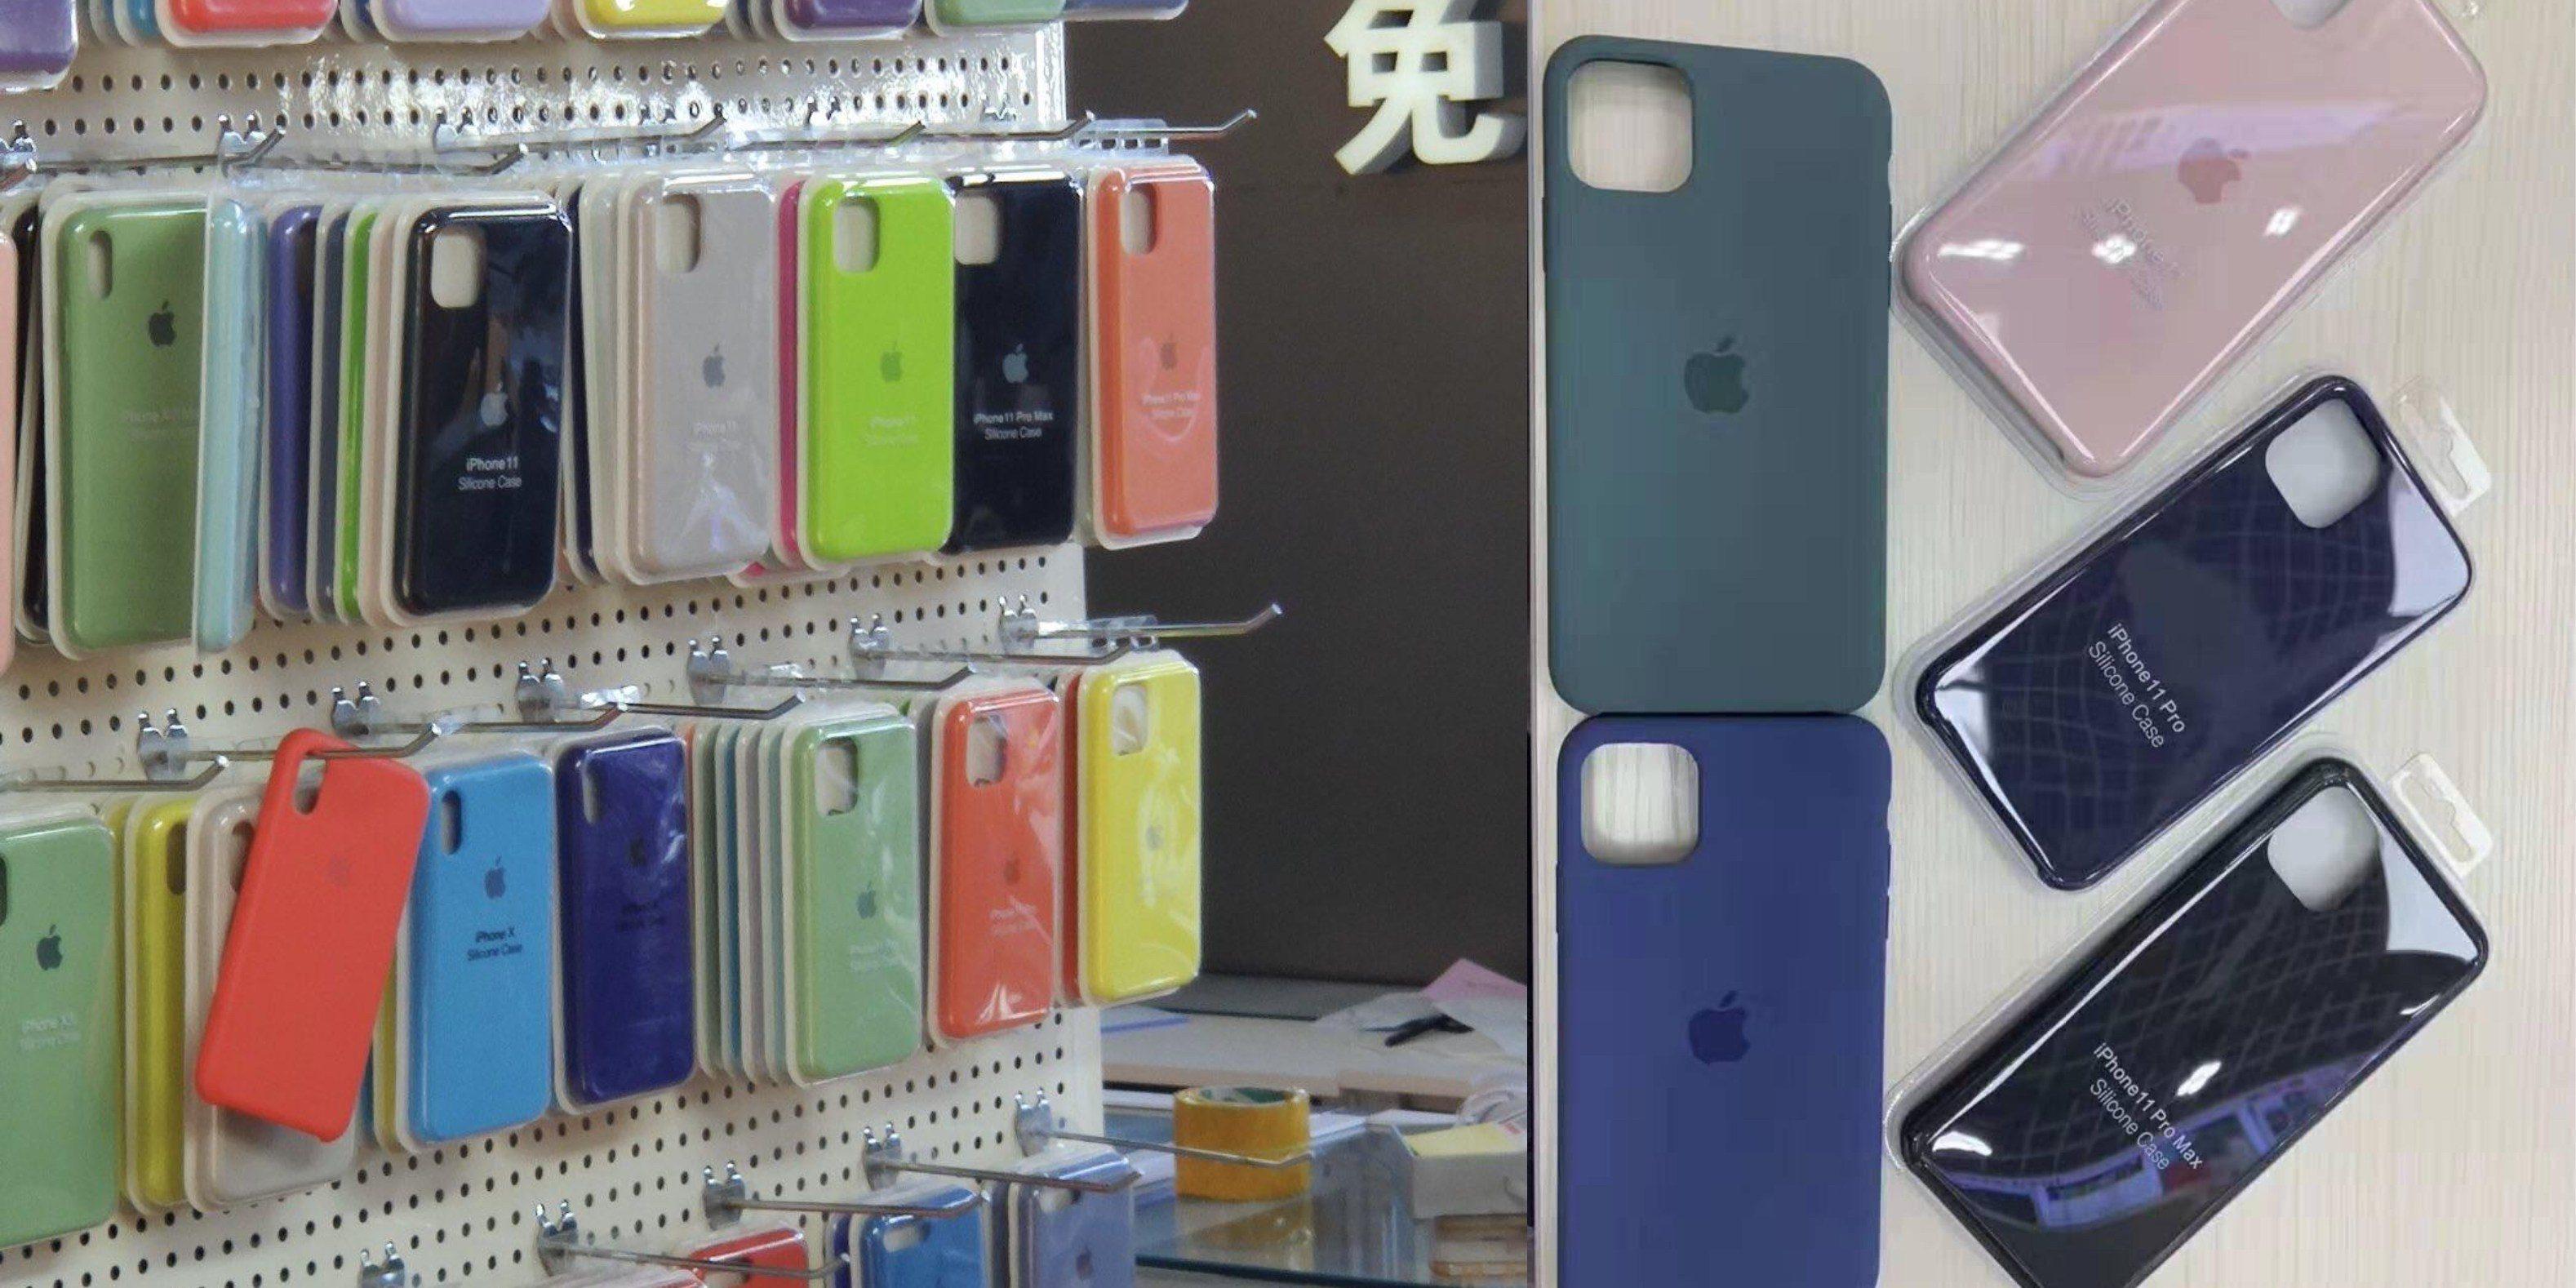 Протекување на фотографии од случајот iPhone 11 го потврдуваат дизајнот